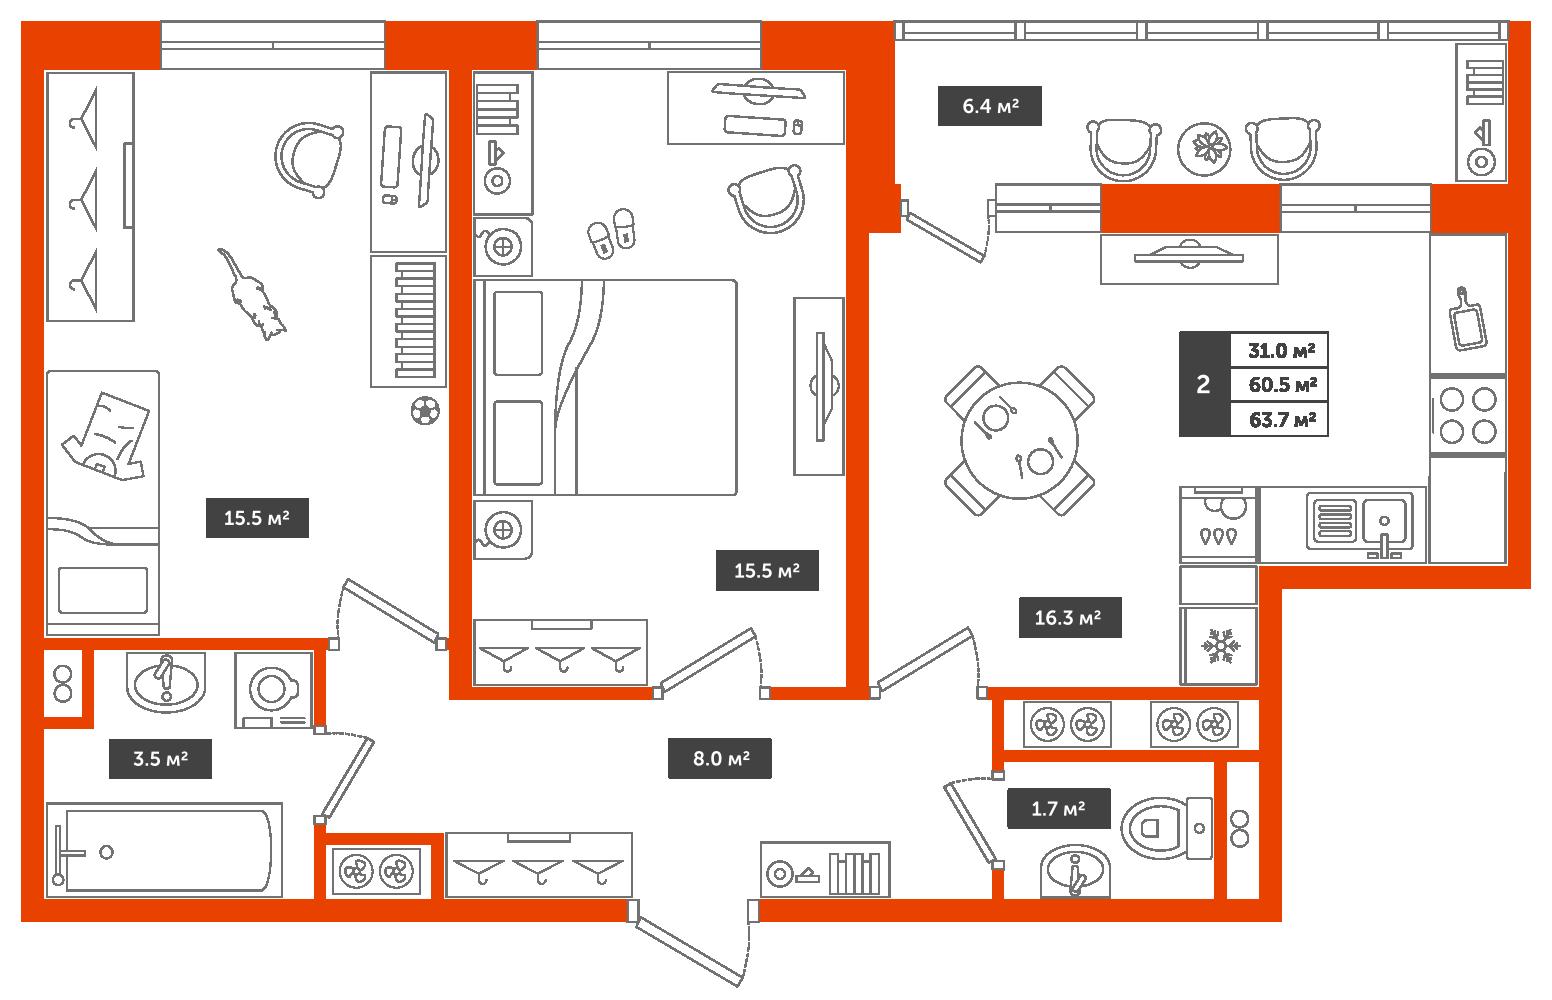 2-комнатная квартира, 63.7м² за 6,8 млн руб.